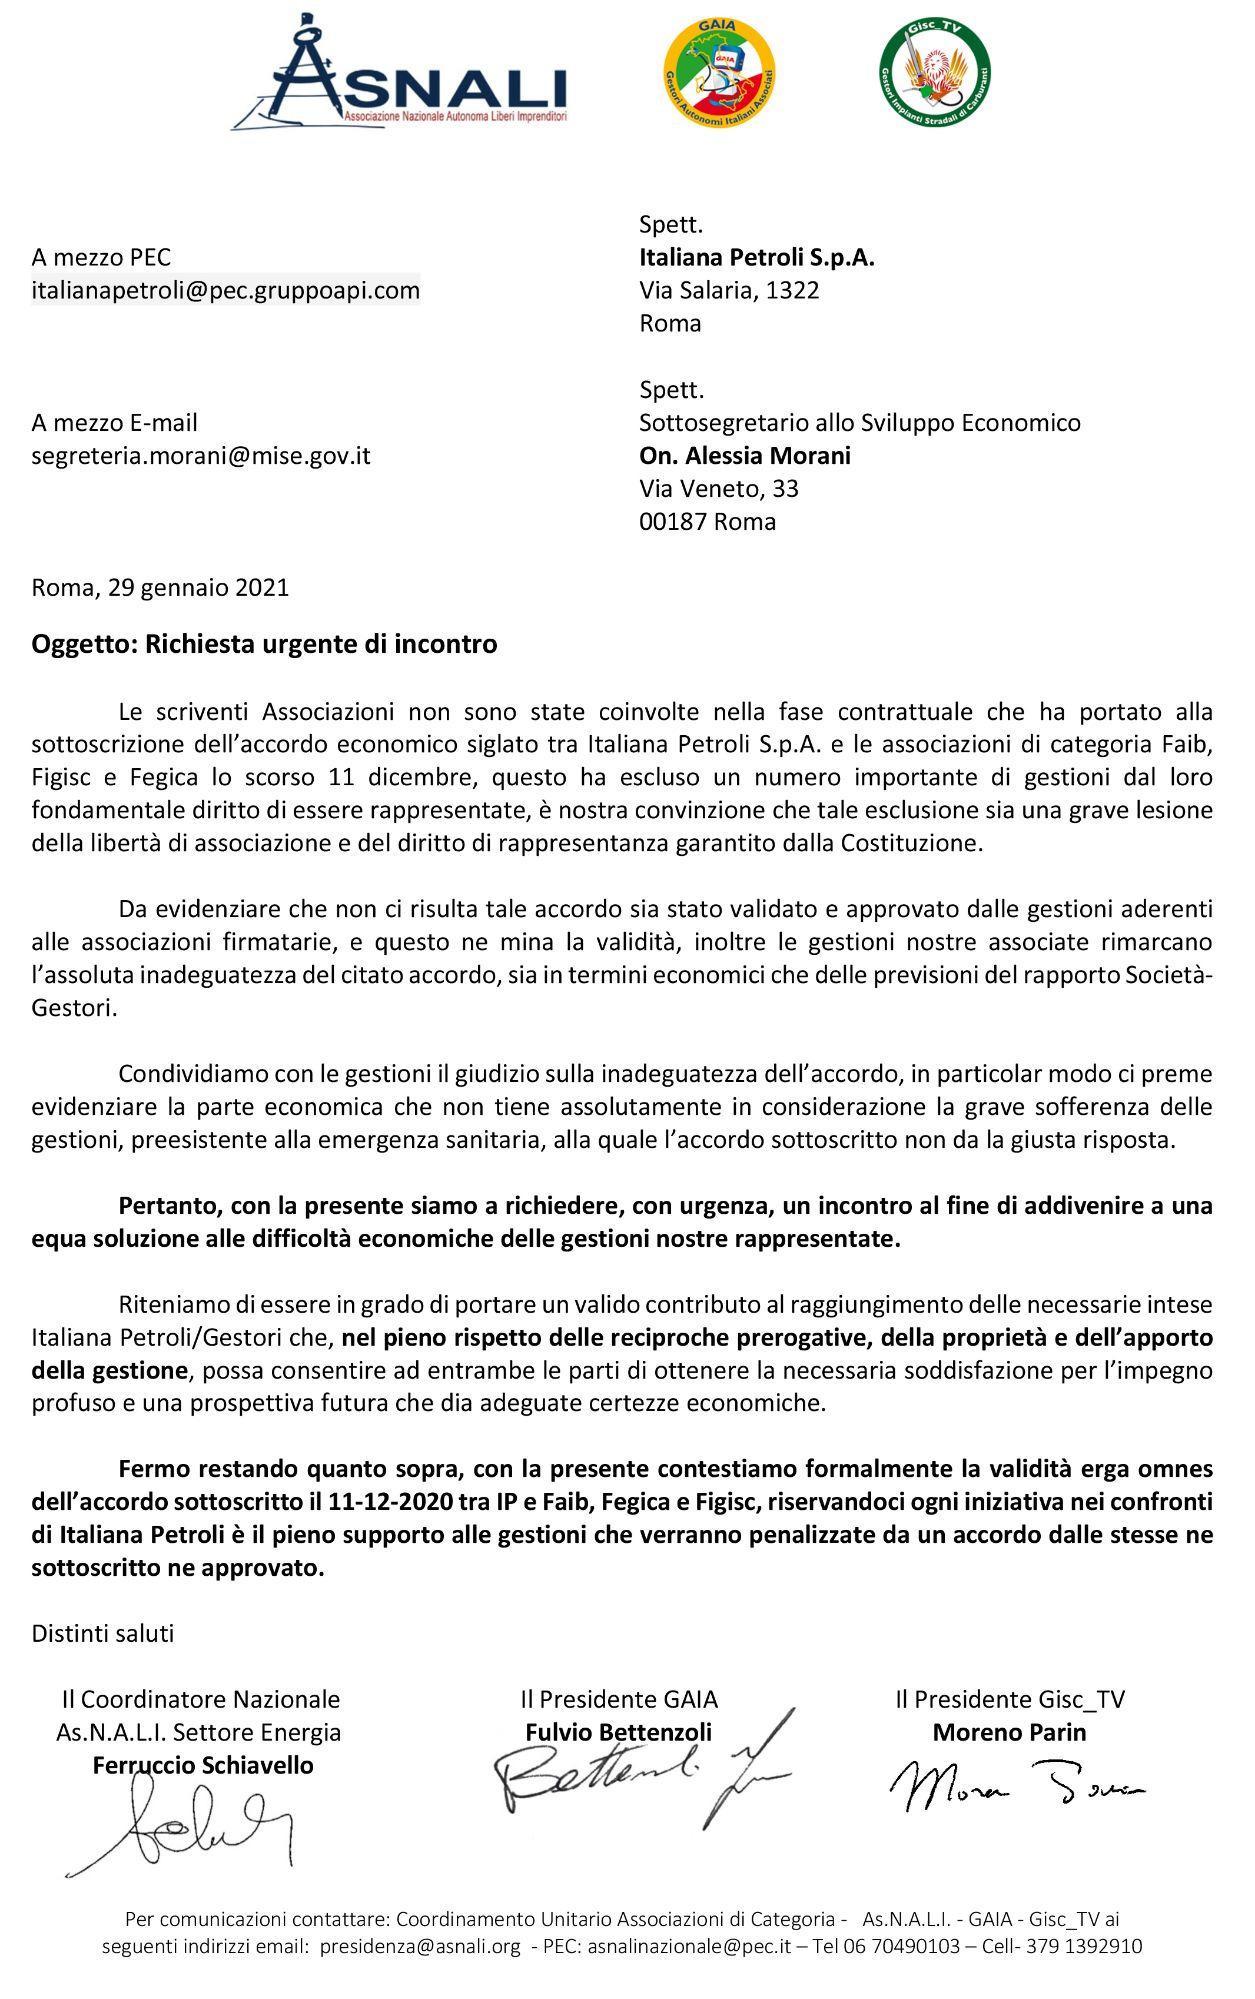 letteraitalianapetroli29-01-2021-1612450391.jpg